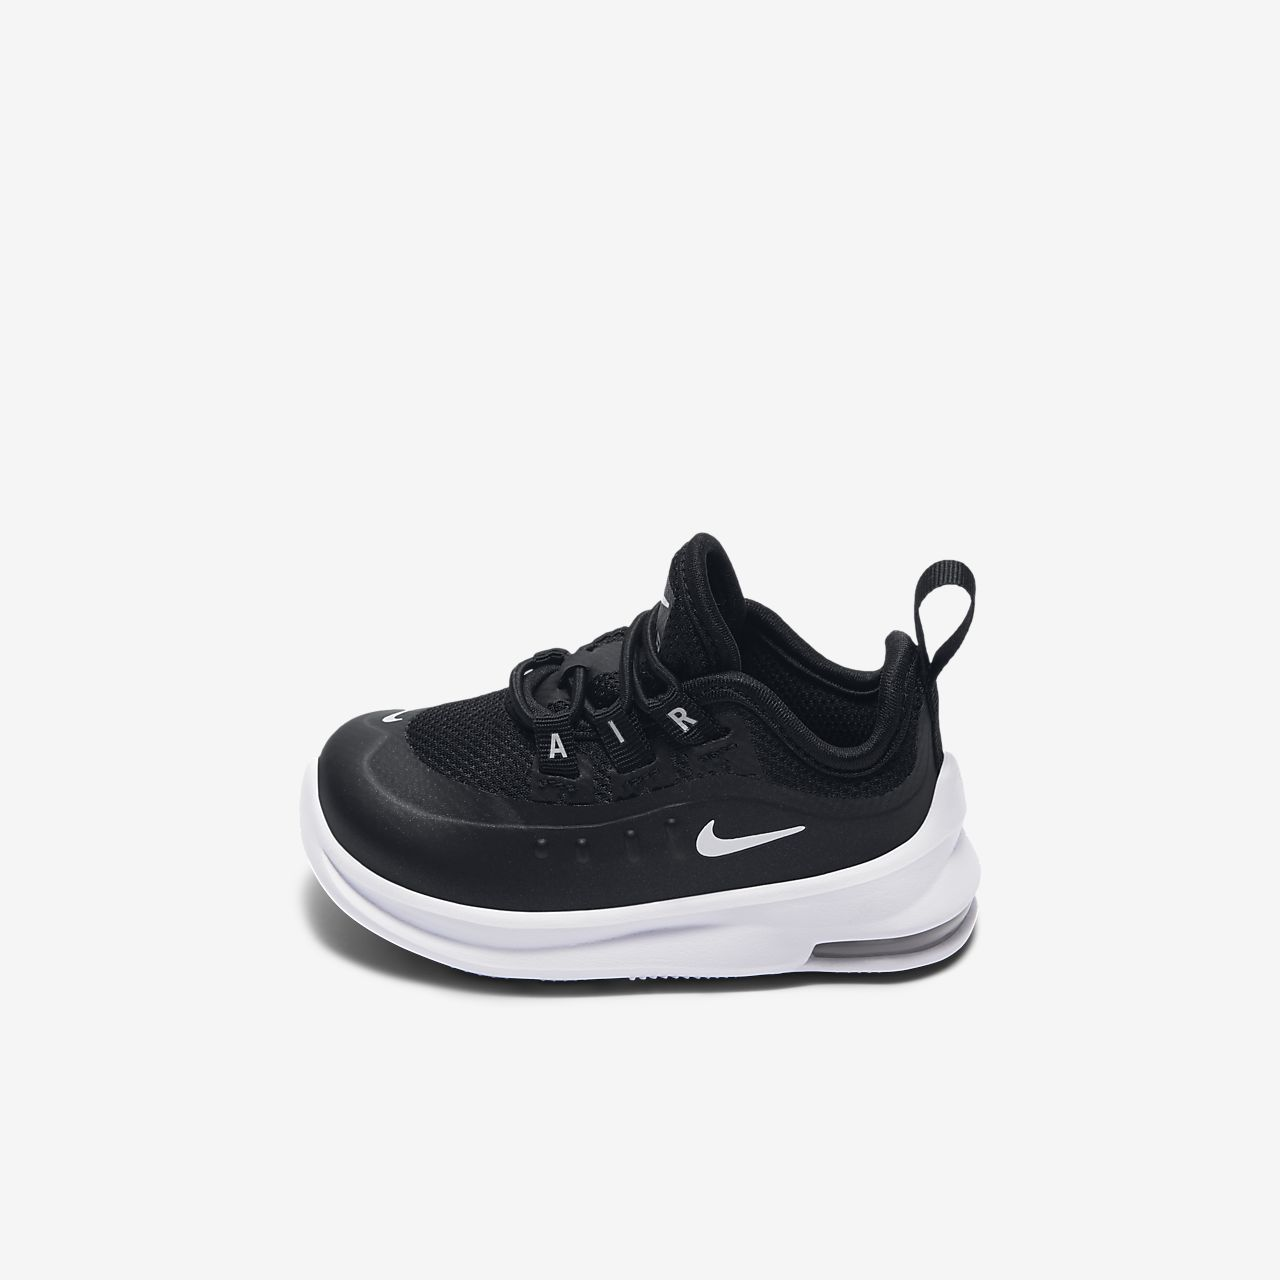 ec904fdc45108 Nike Air Max Axis Zapatillas - Bebé e infantil. Nike.com ES